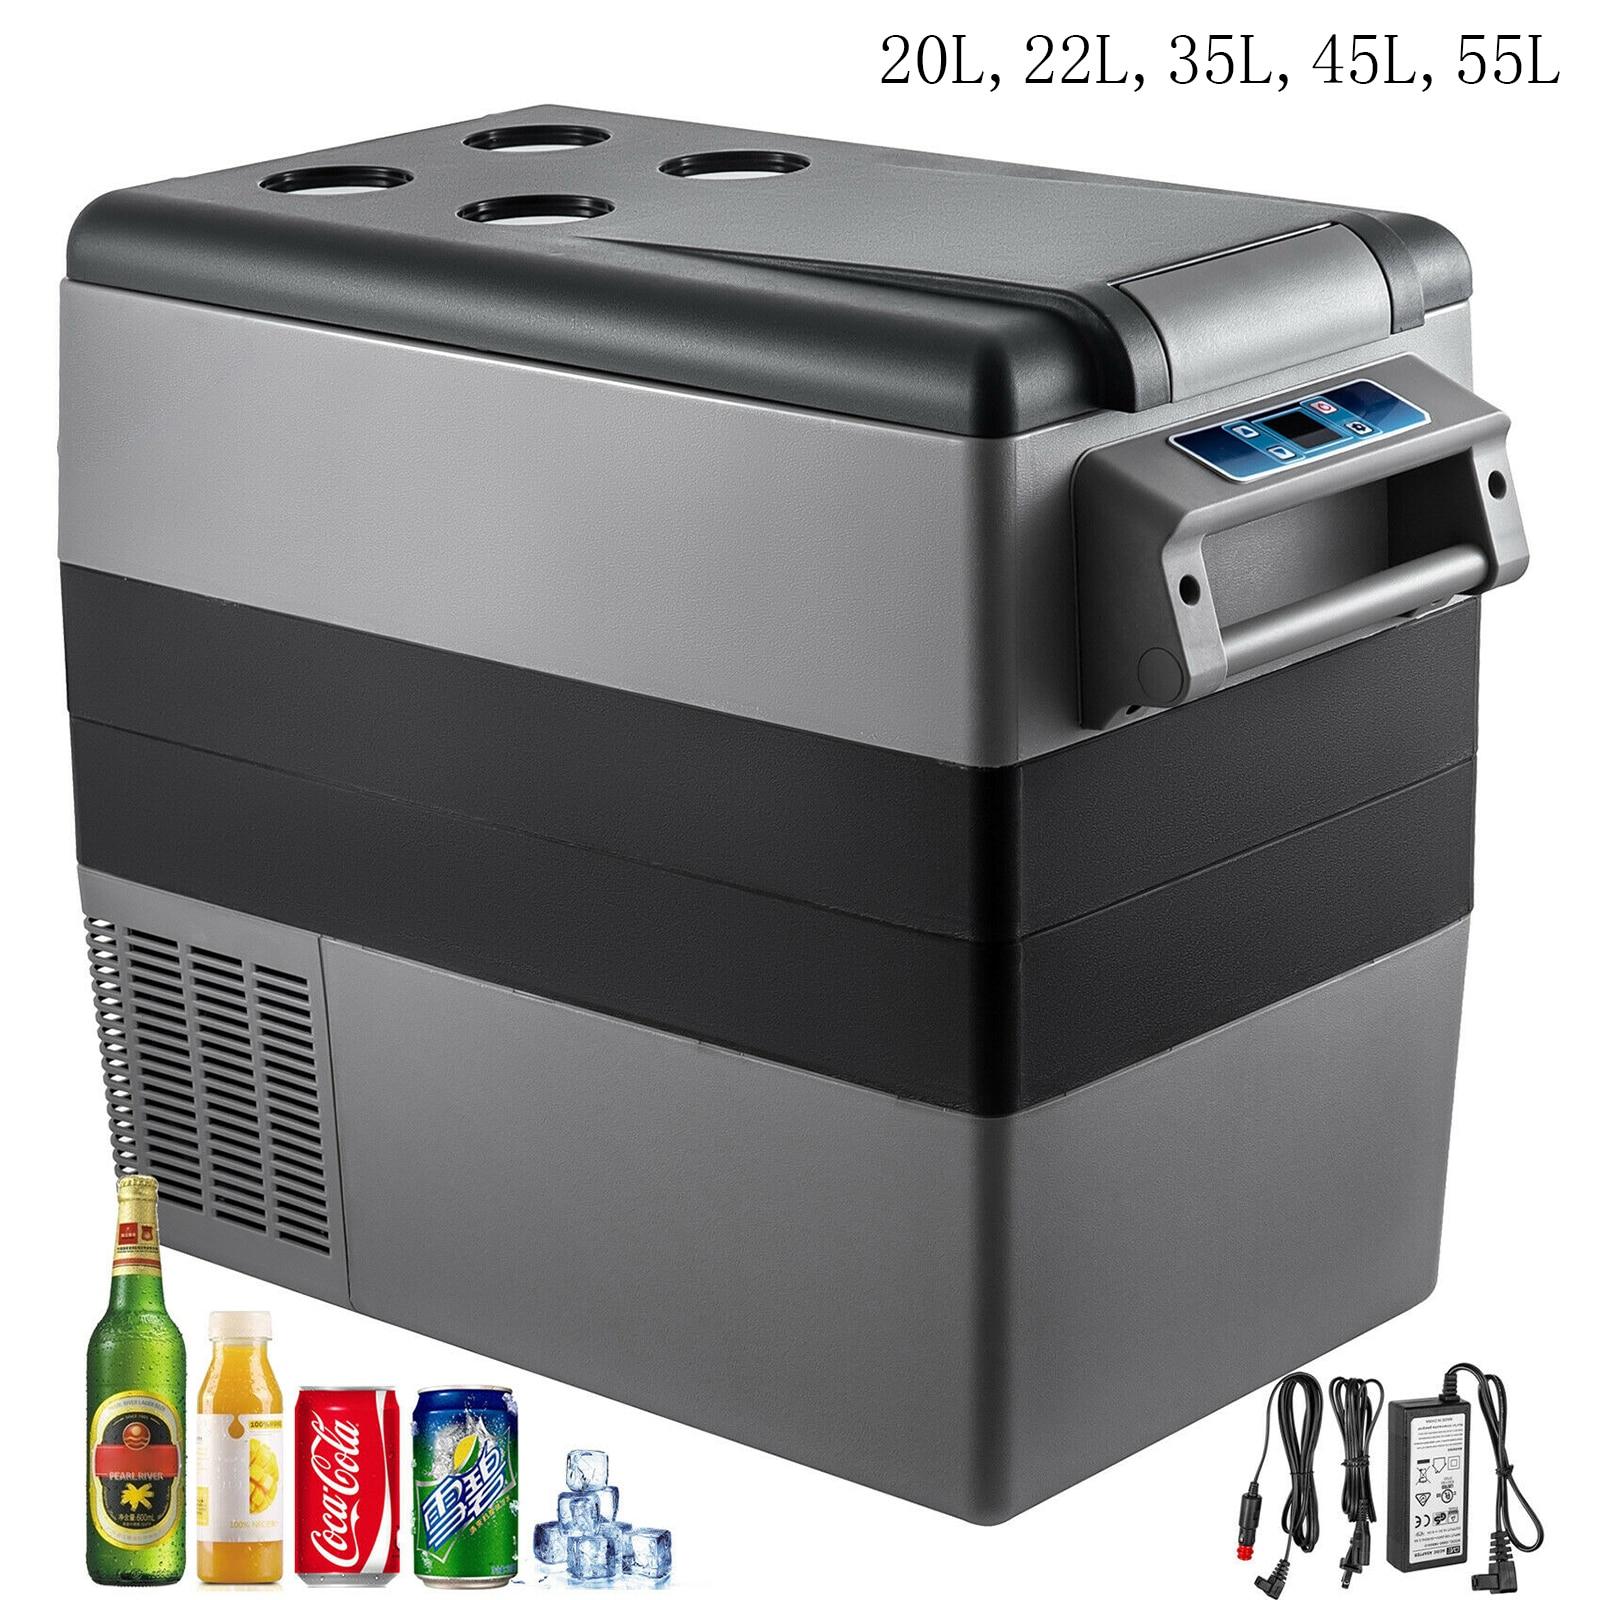 VEVOR 20L 22L 35L 45L 55L маленький автомобиль холодильник 12/24V DC 110-240V AC Портативный мини холодильники компрессора морозильных камер охладитель воздуха для дома 1